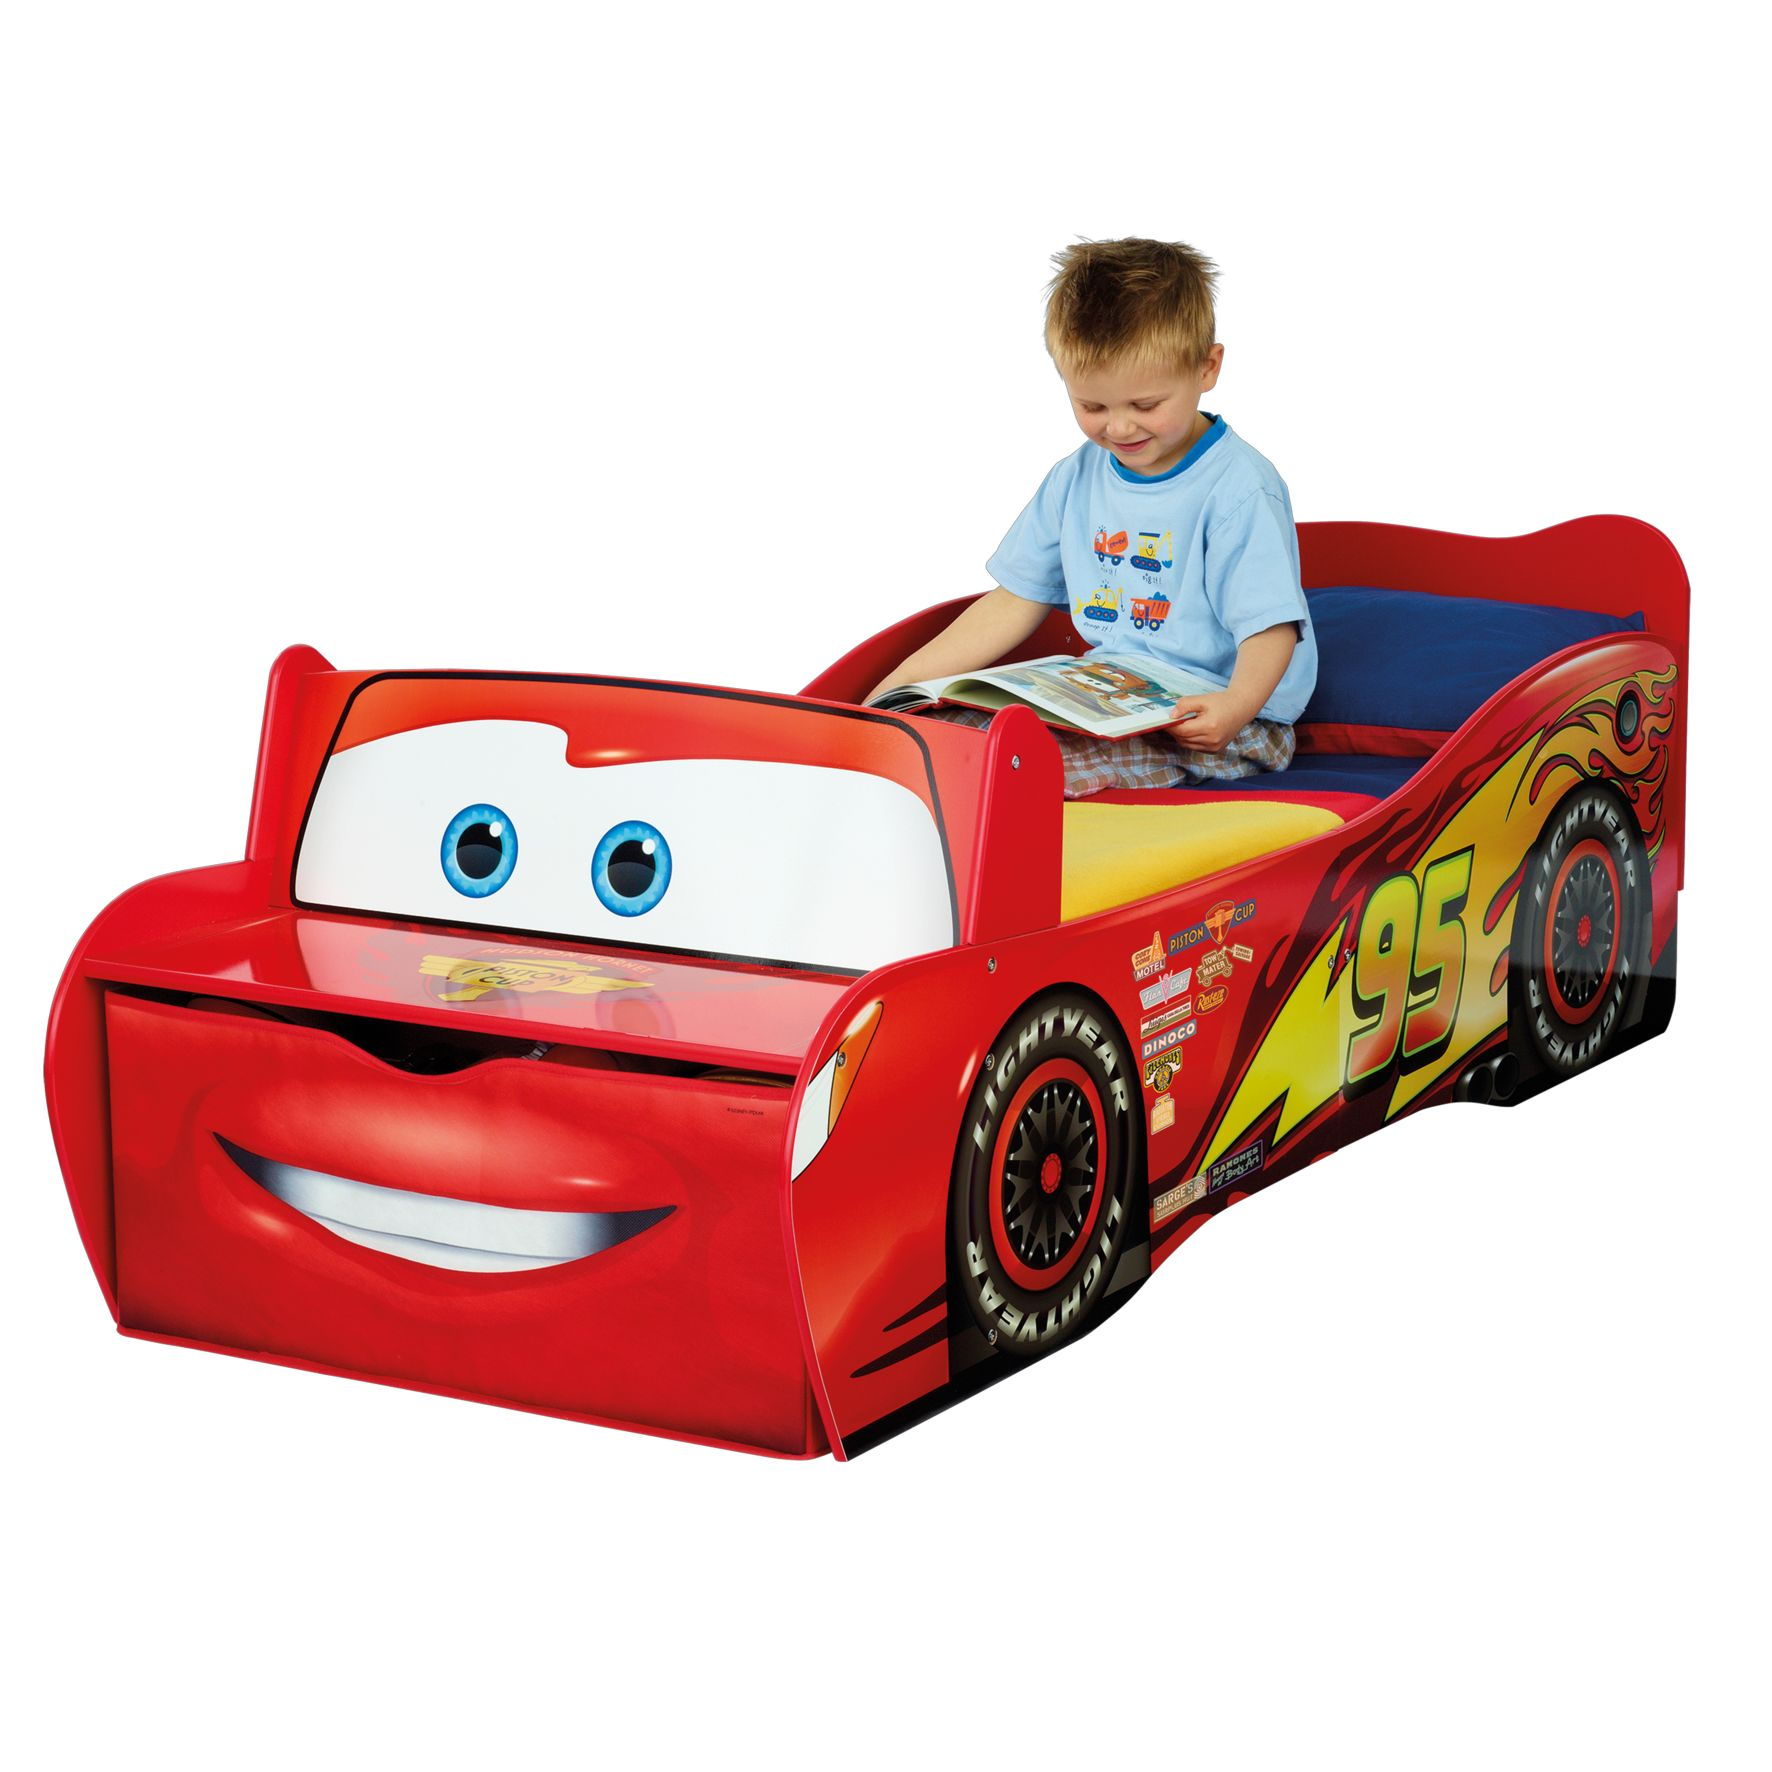 Peuterautobed Cars